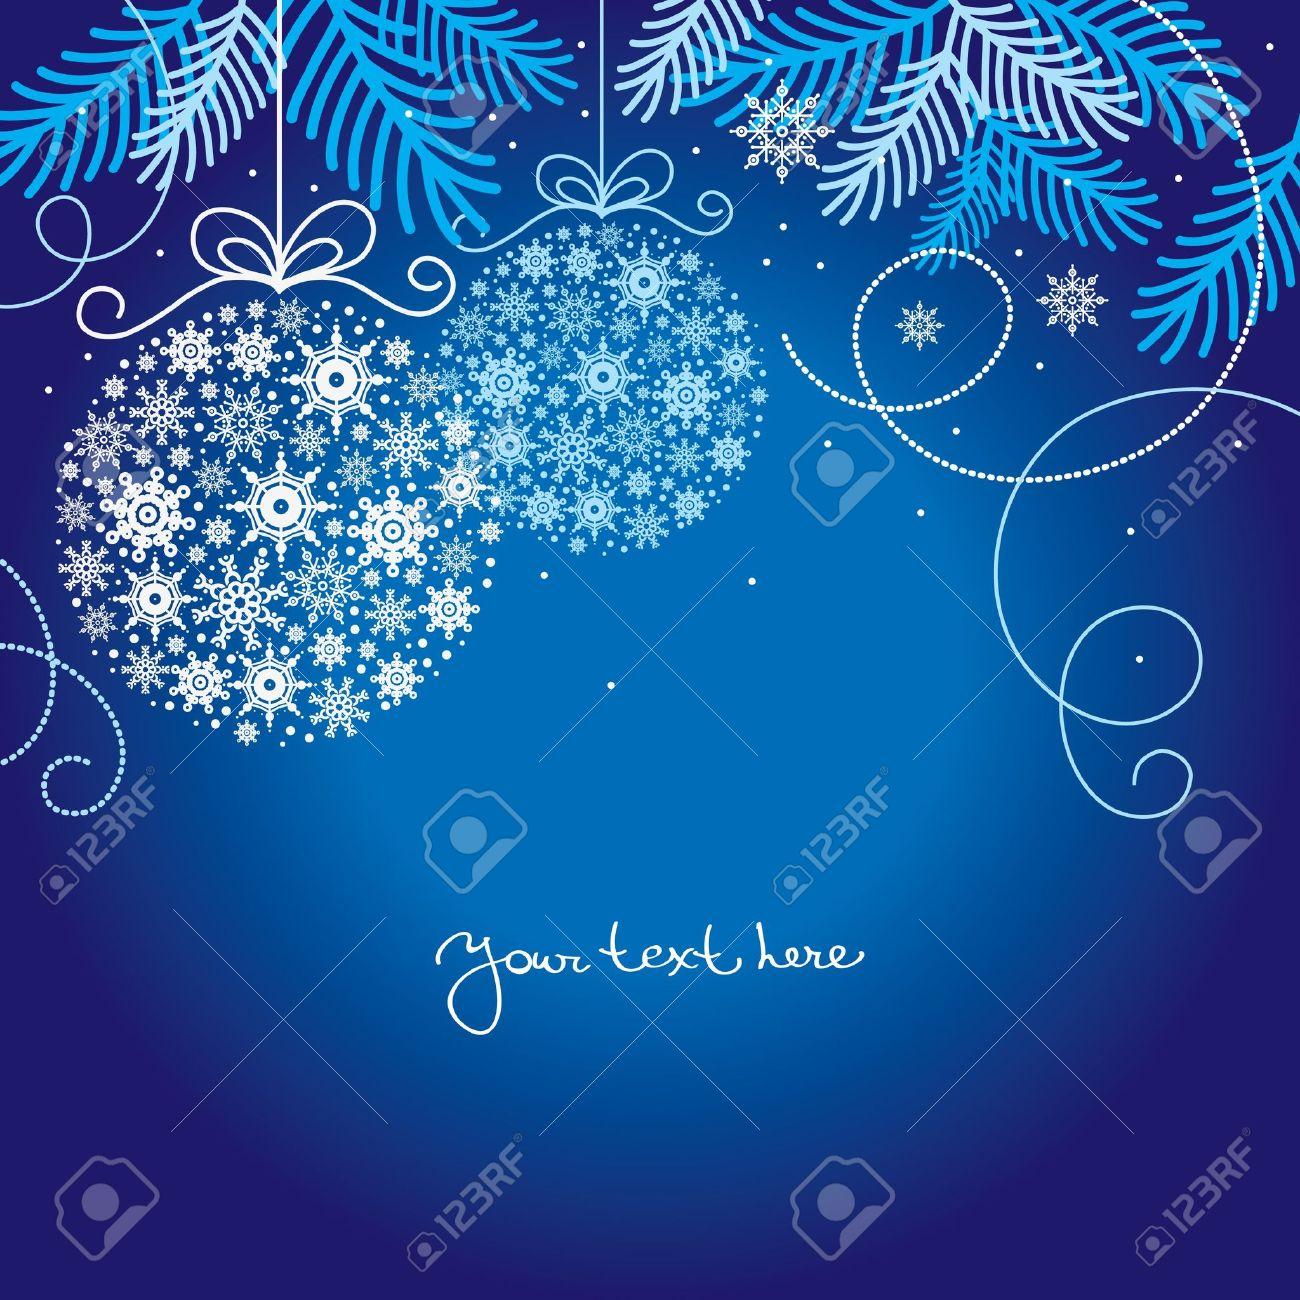 Elegant christmas background - 15905029